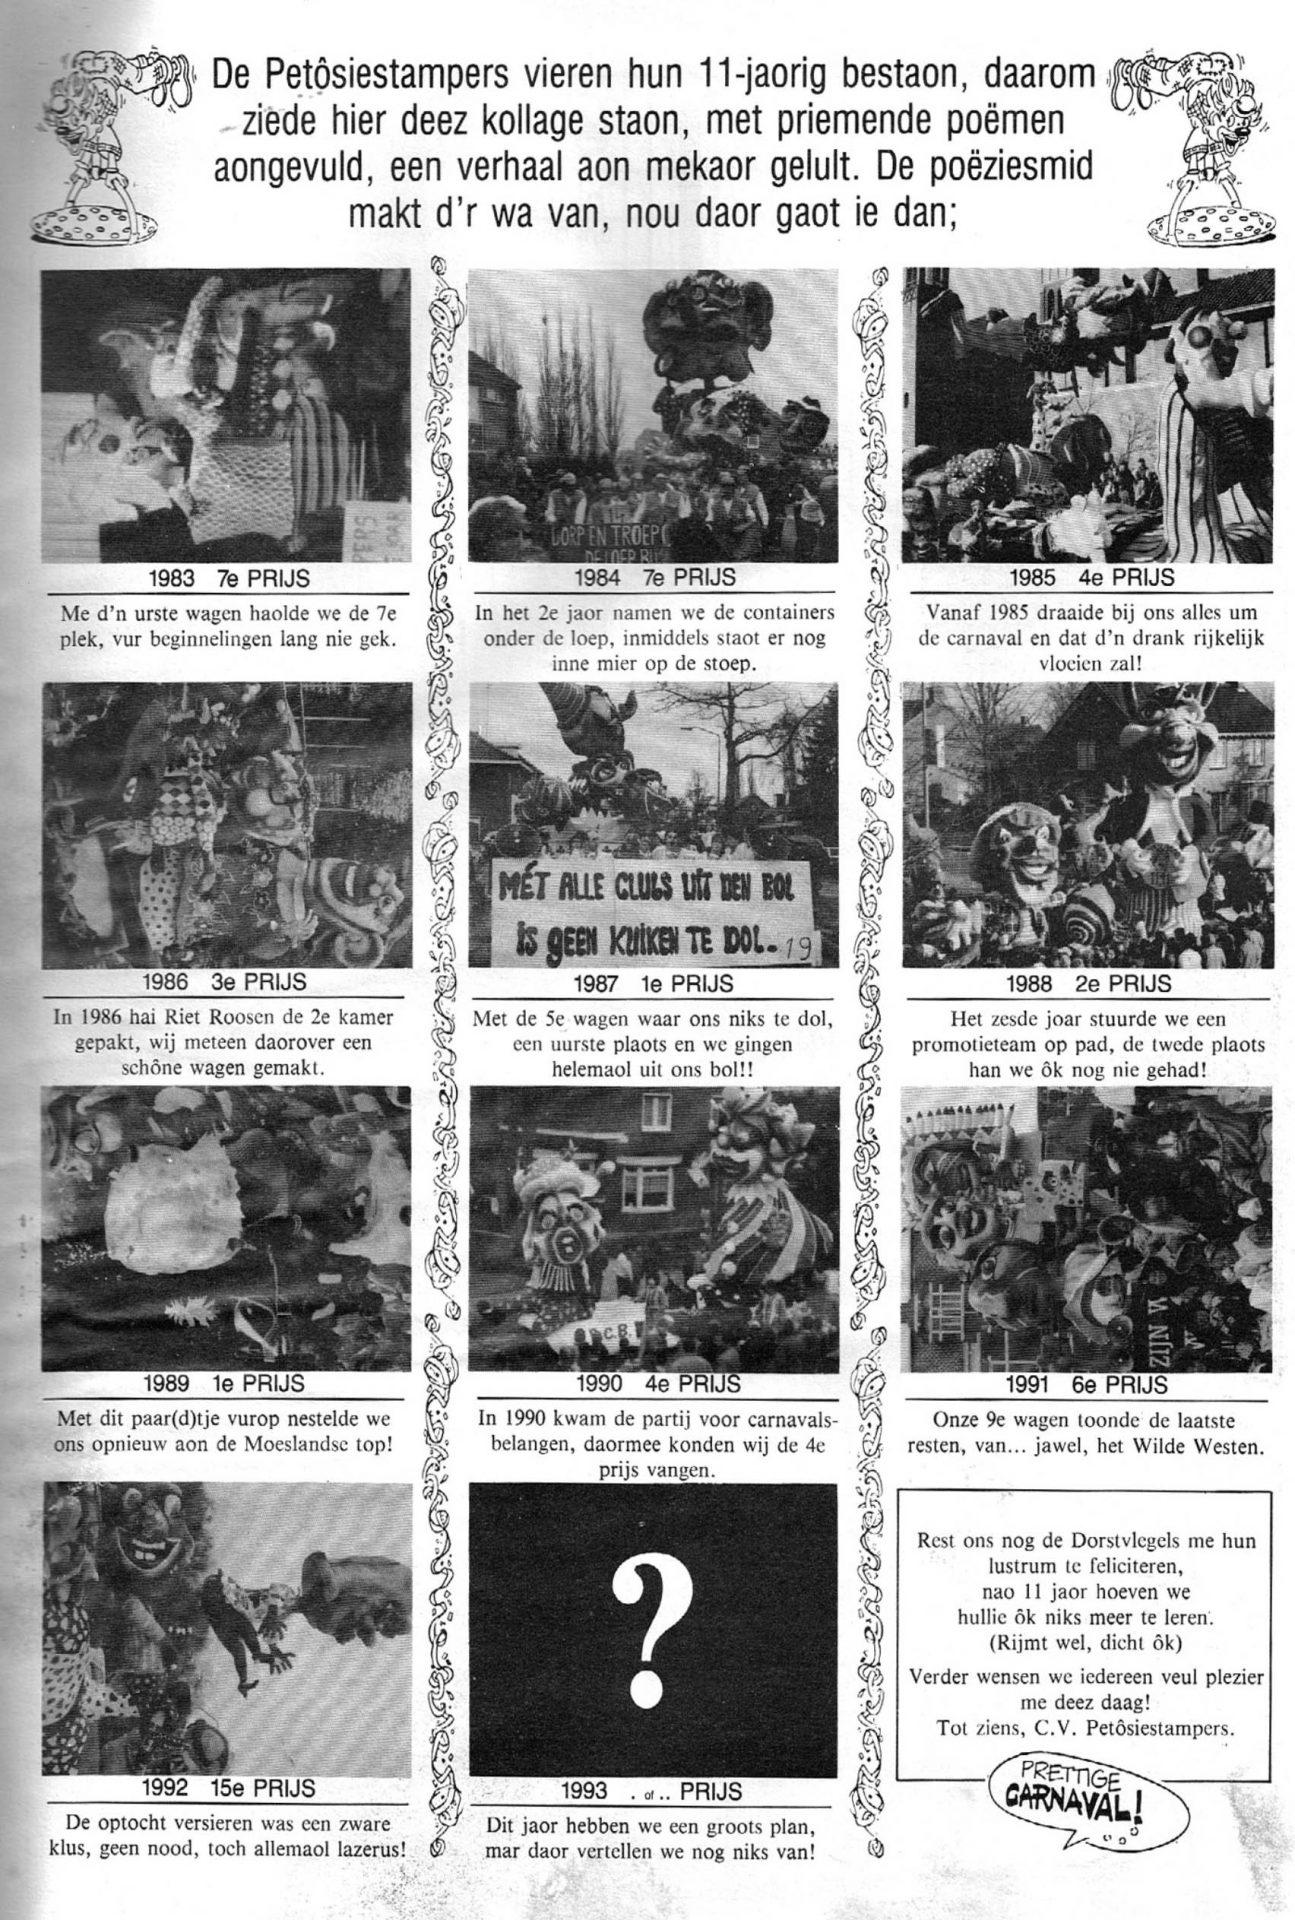 Stukje uit de carnavalskrant van de Petôsiestampers - 1993